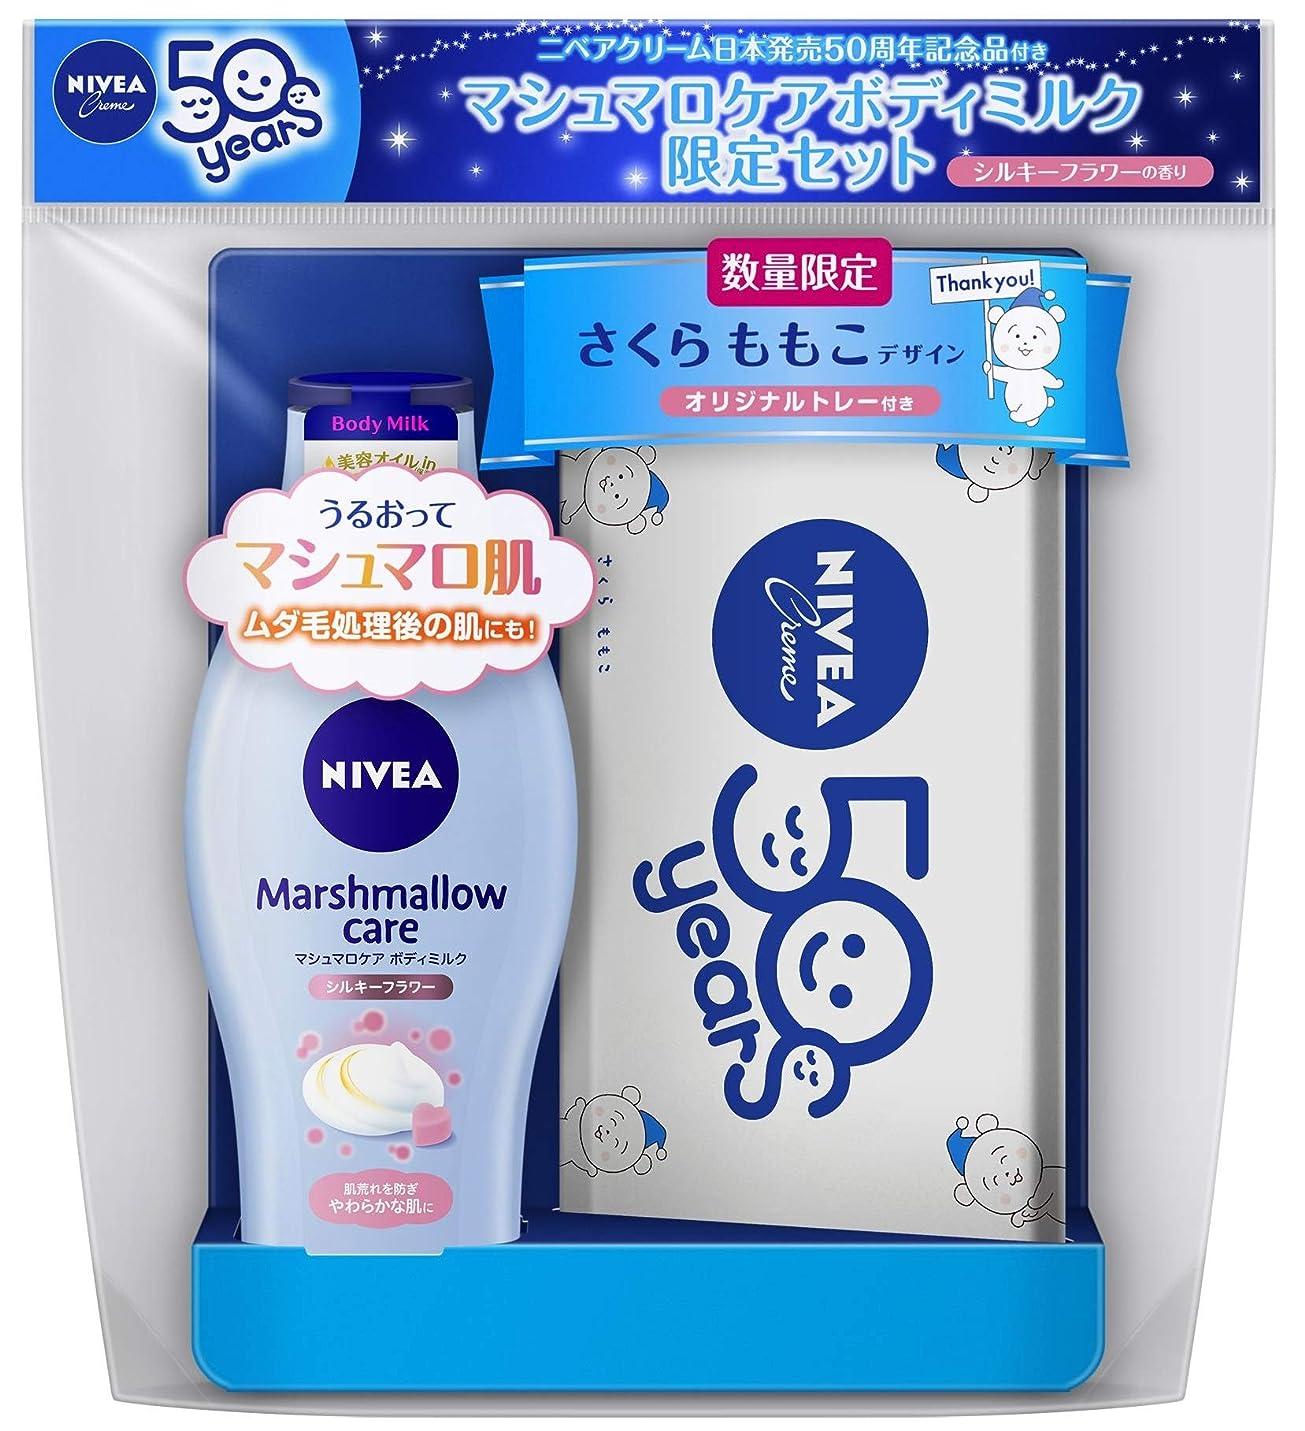 けん引実際重要な【数量限定】ニベア マシュマロケアボディミルク シルキーフラワーの香り+さくらももこデザインオリジナルトレー付き